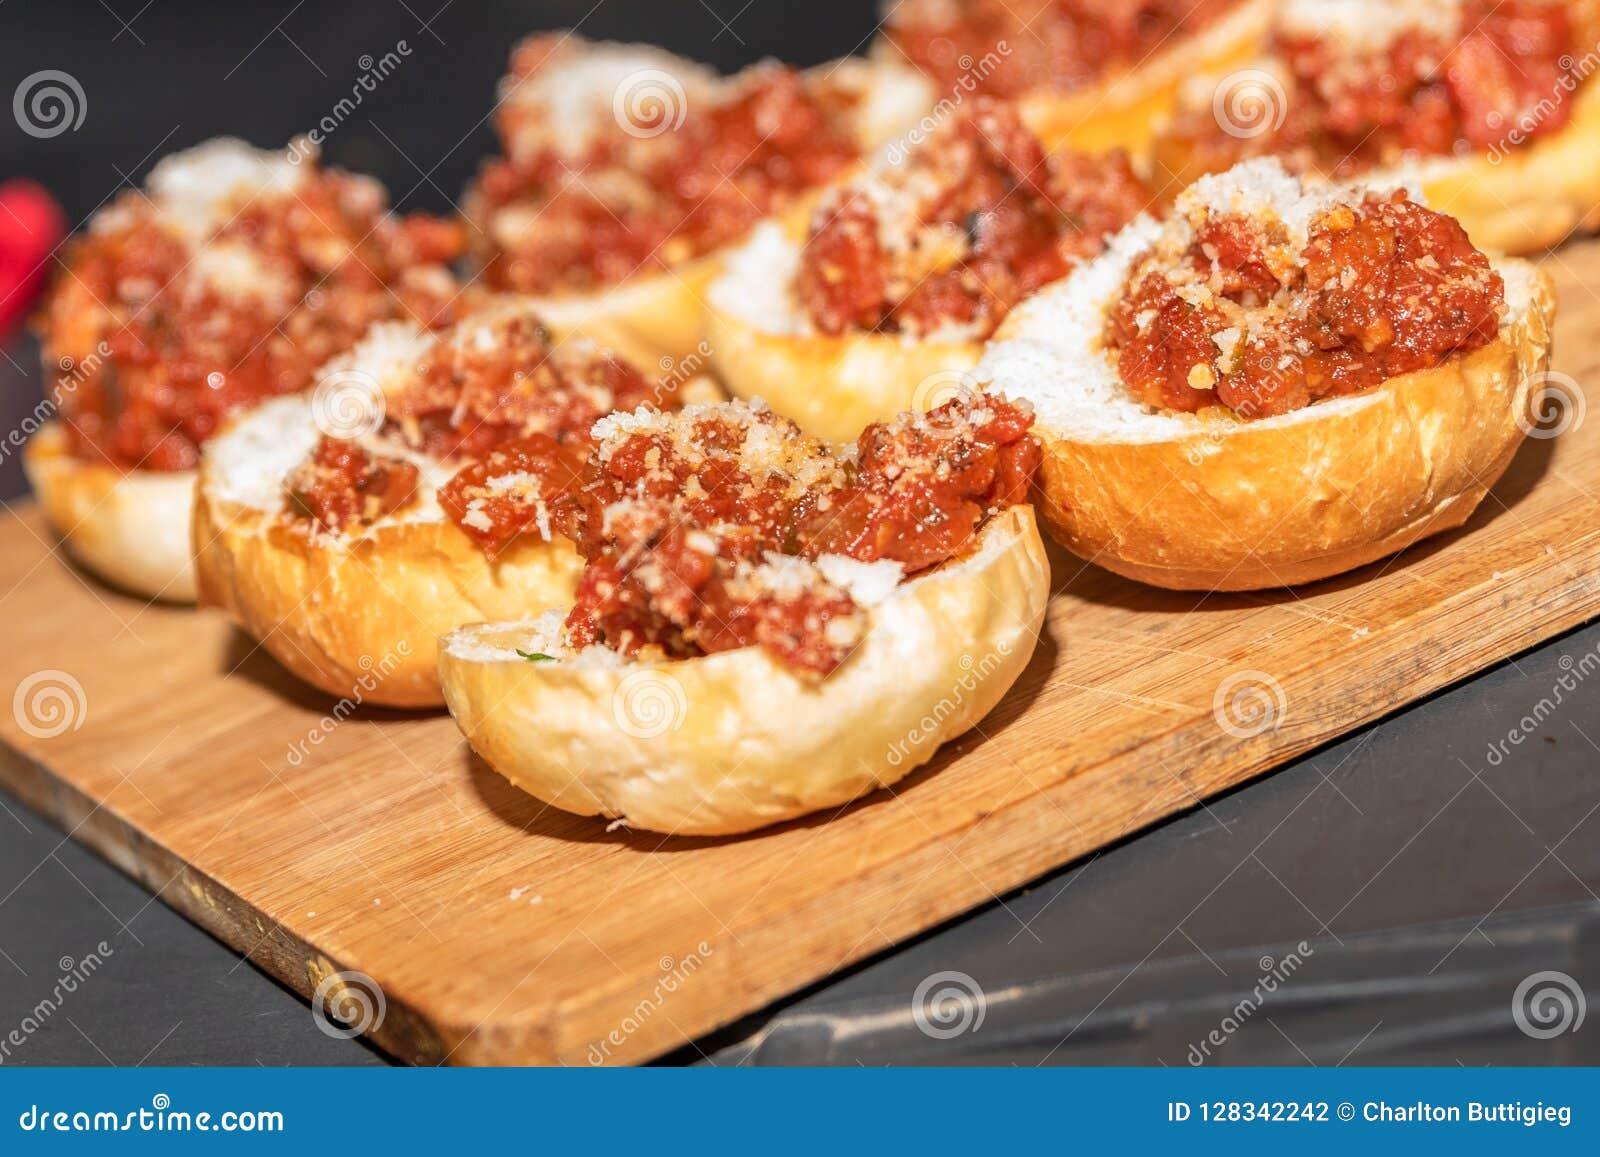 Bröd med tomater